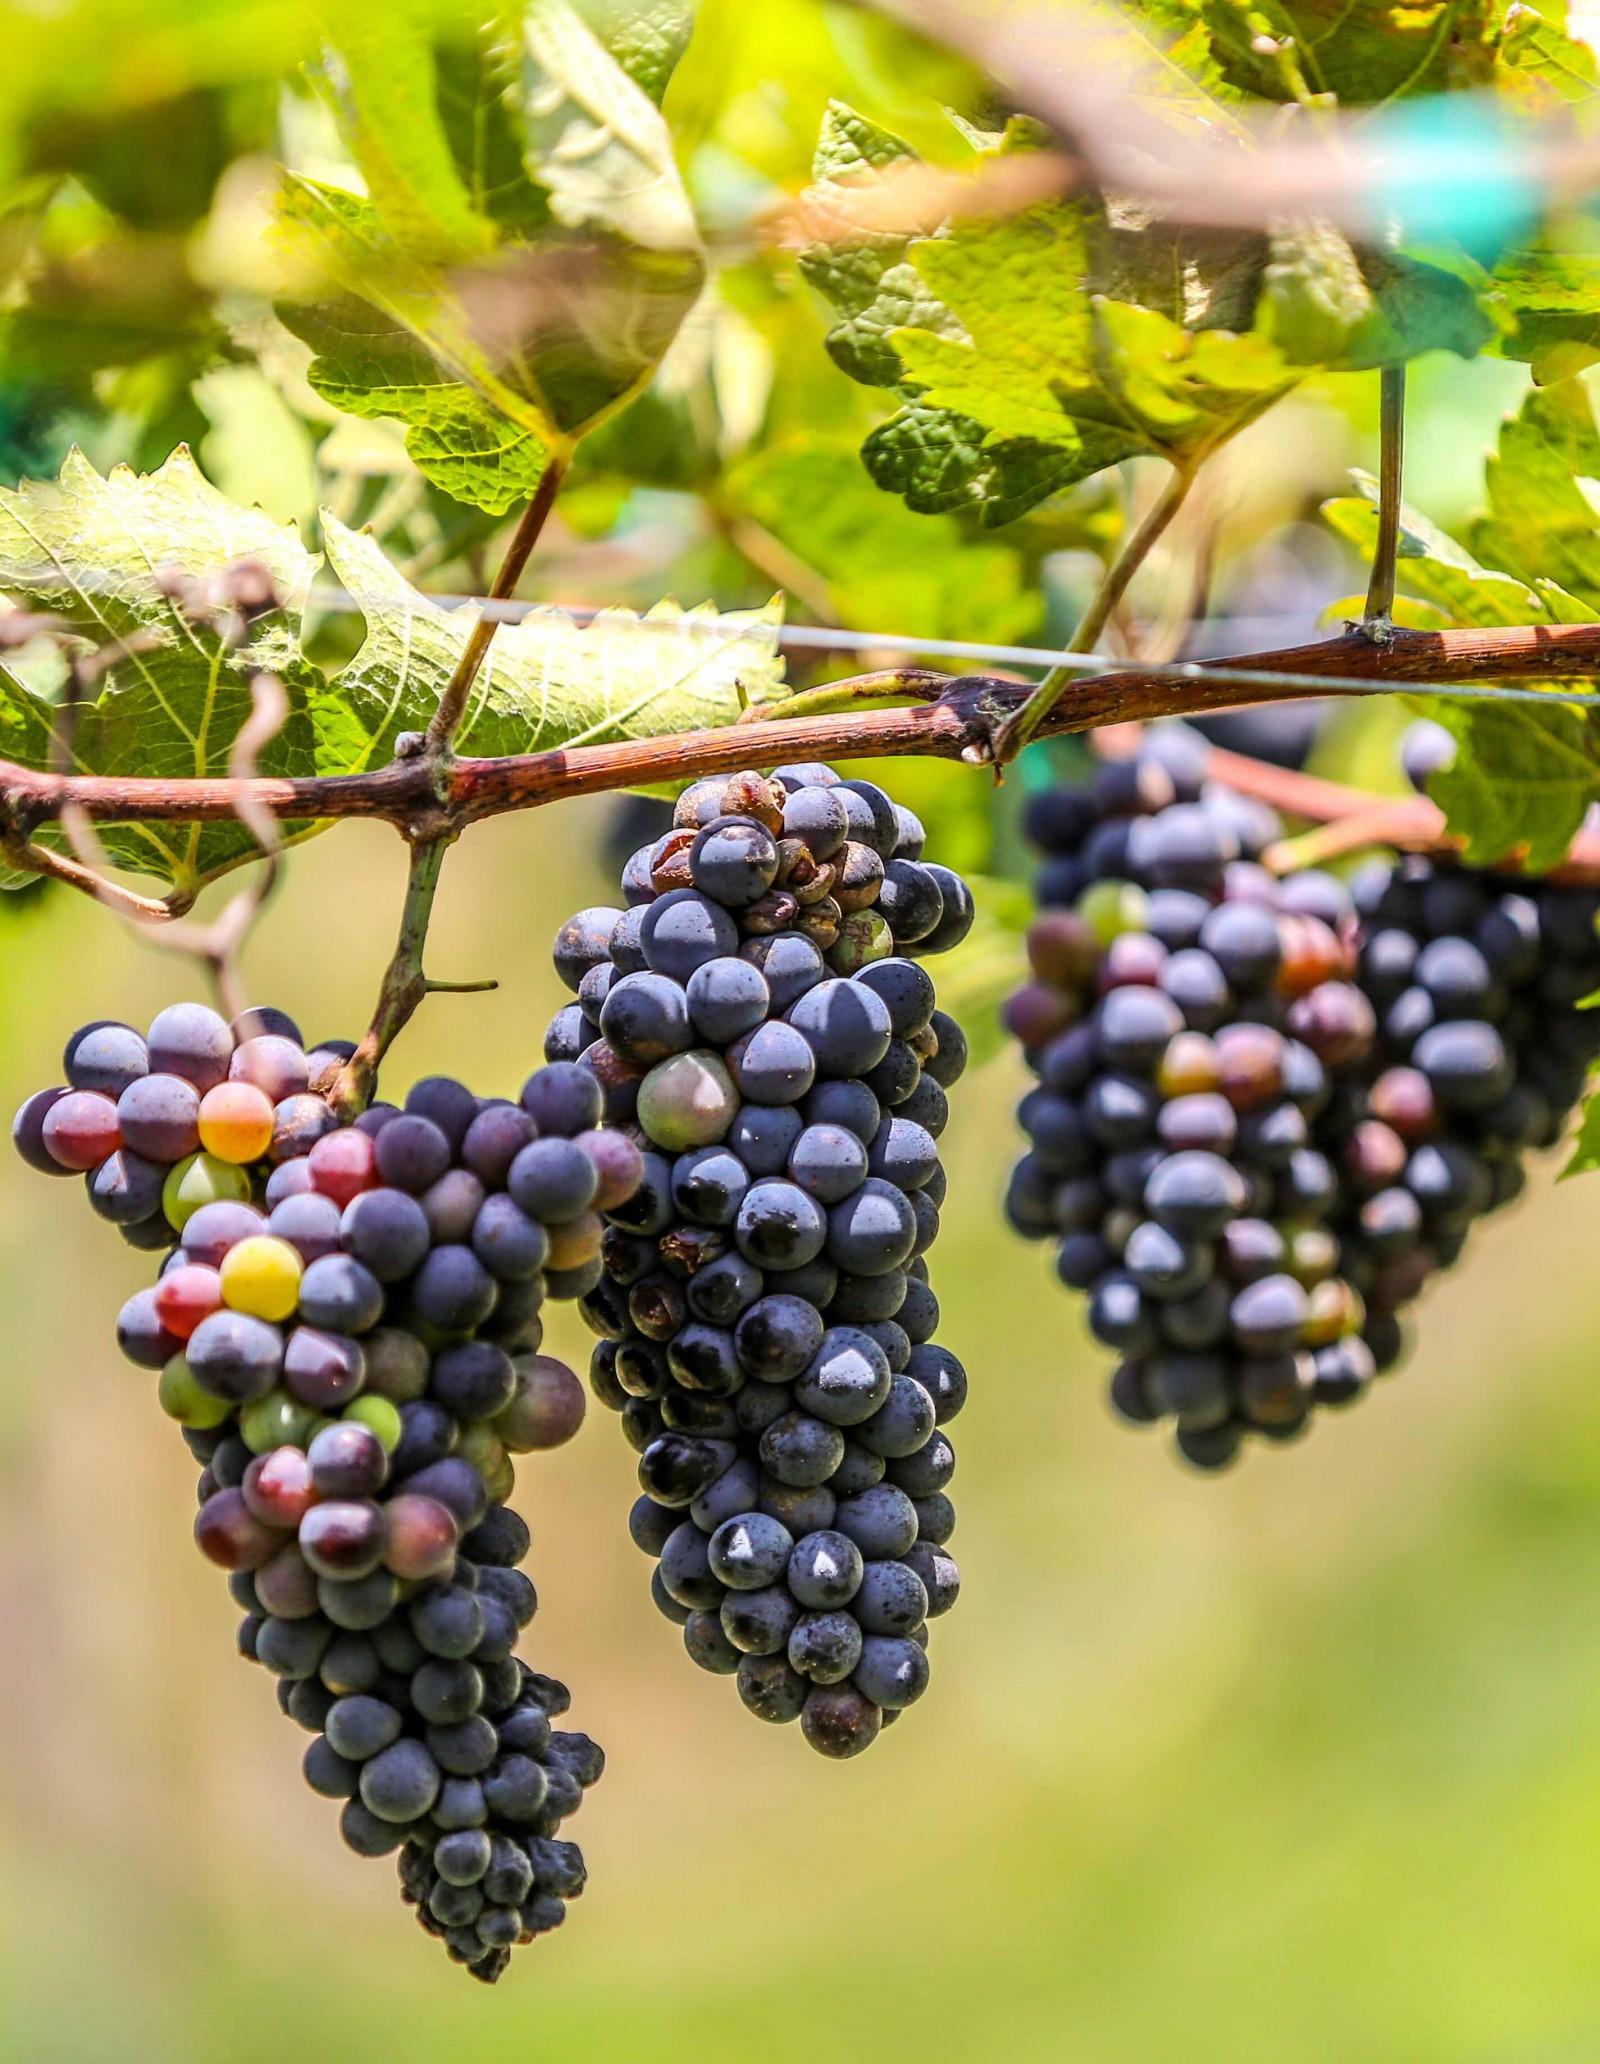 Giống nho Cabernet Sauvignon chuyên làm vang đỏ do ông Ba Mọi trồng làm nguyên liệu sản xuất vang nho.